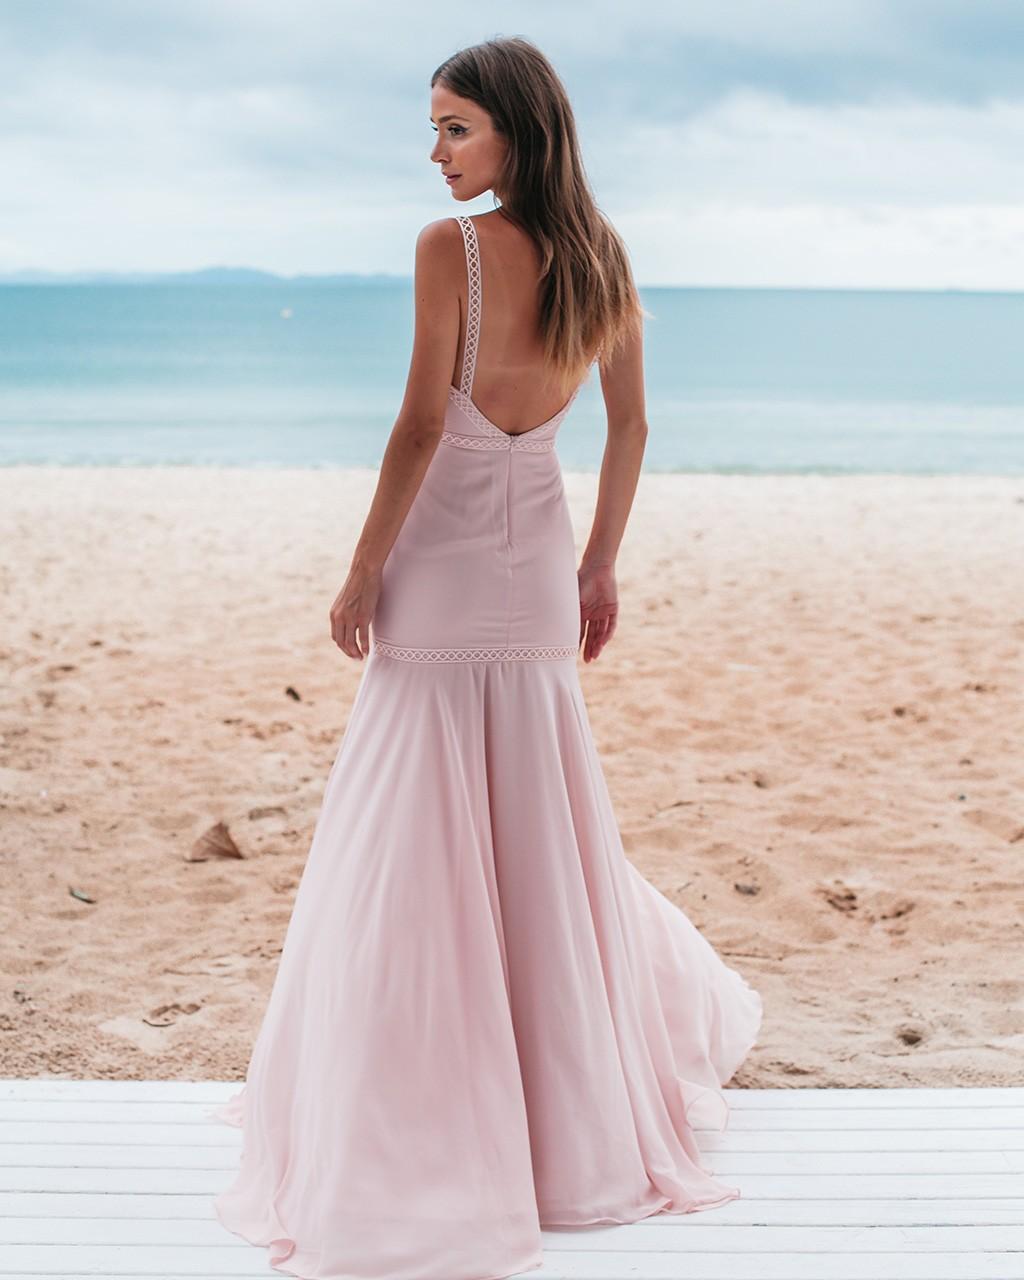 Vestido Franciele  - Empório NM